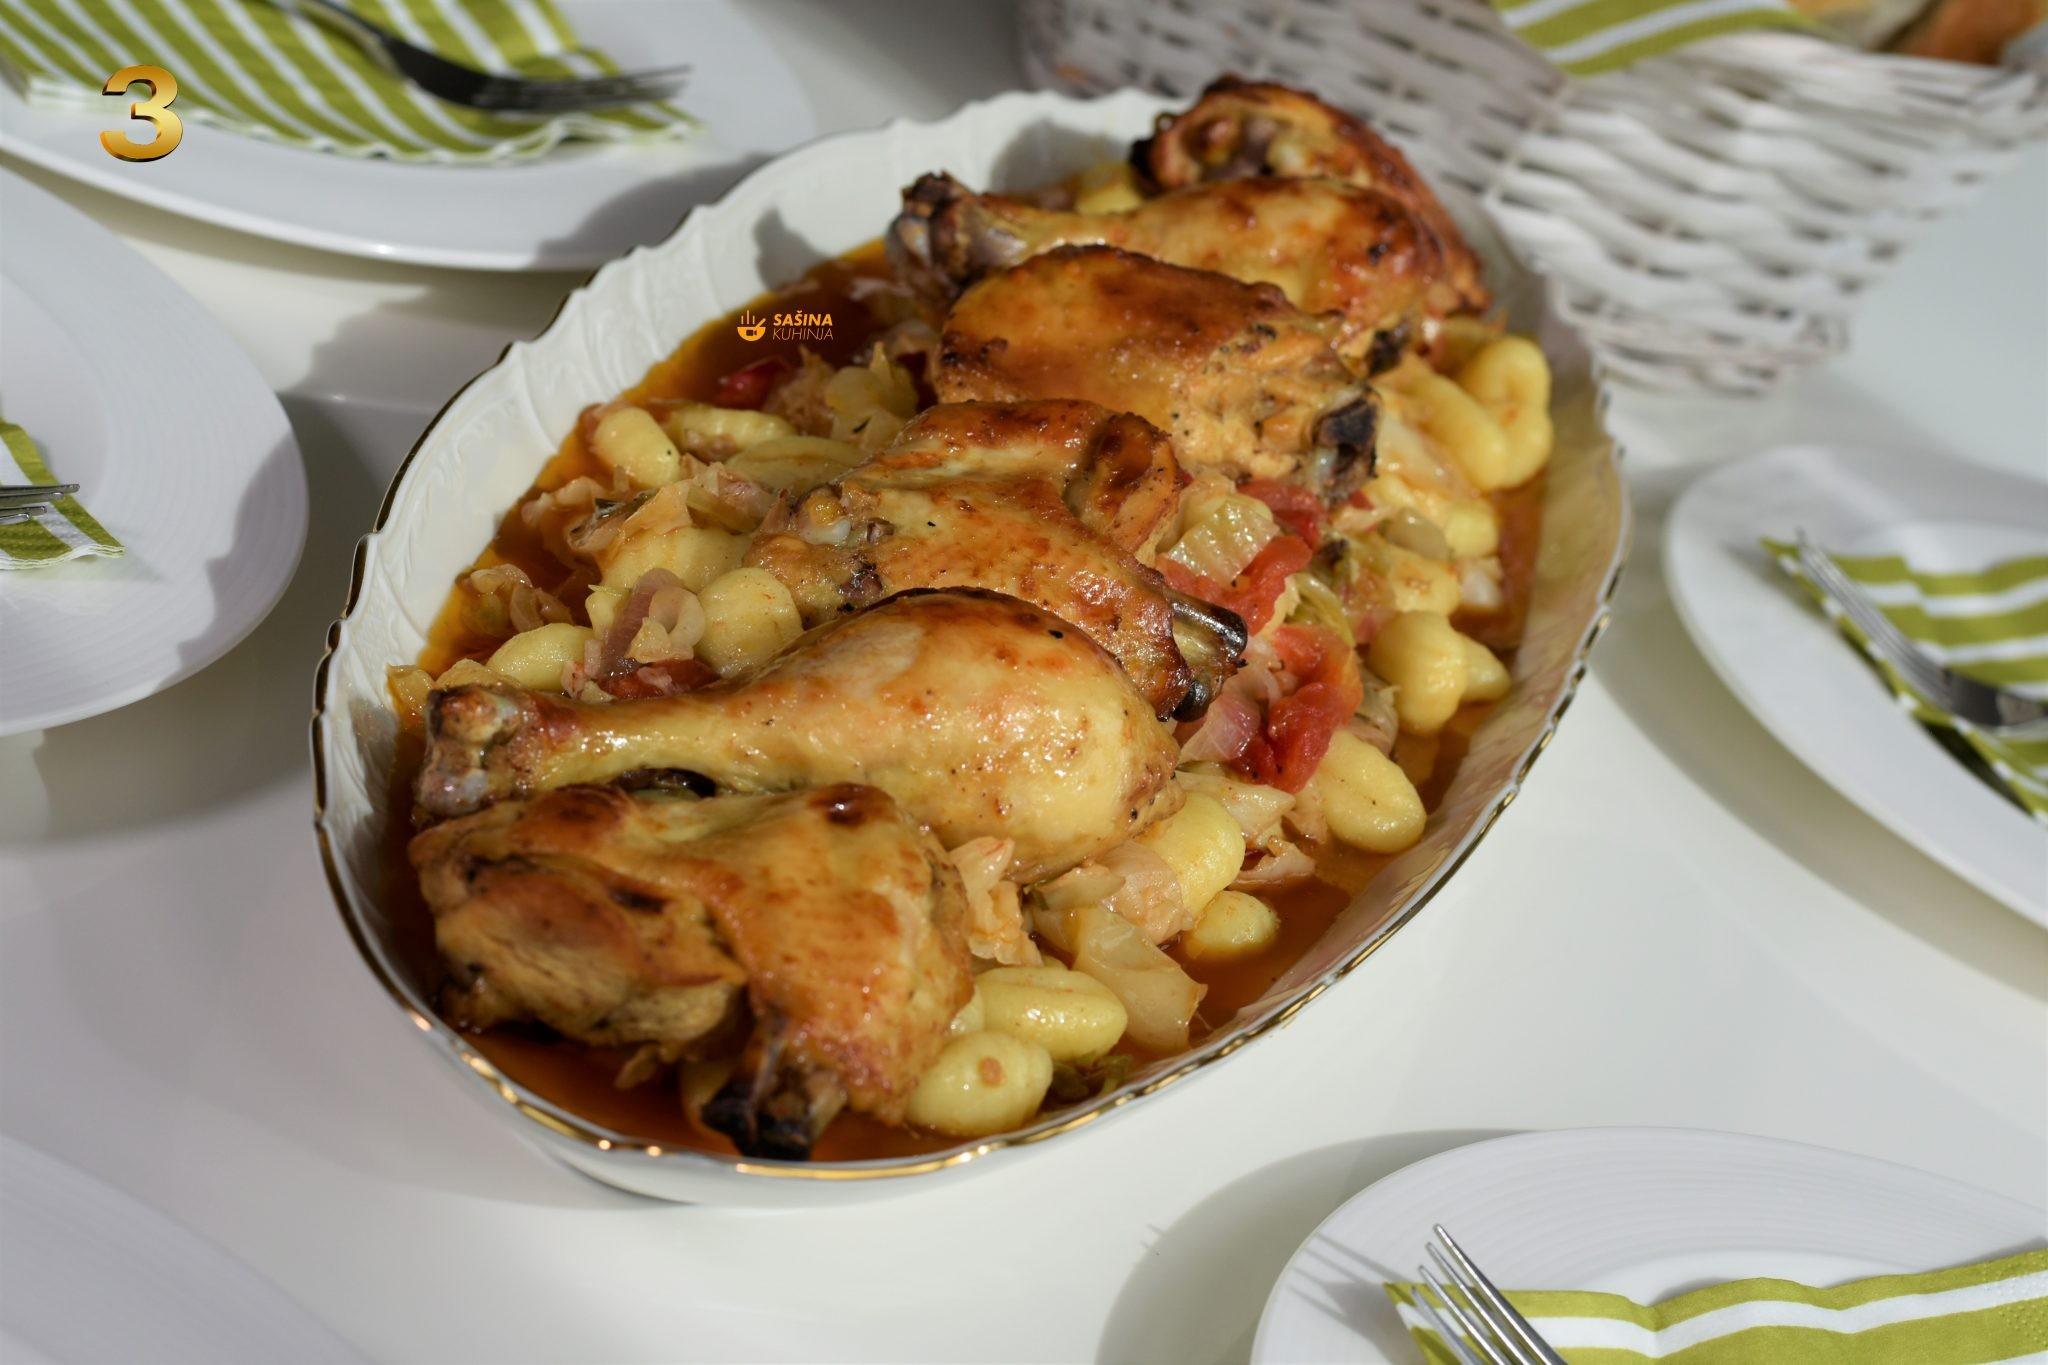 pečena piletina iz pećnice sa kupusom i povrćem